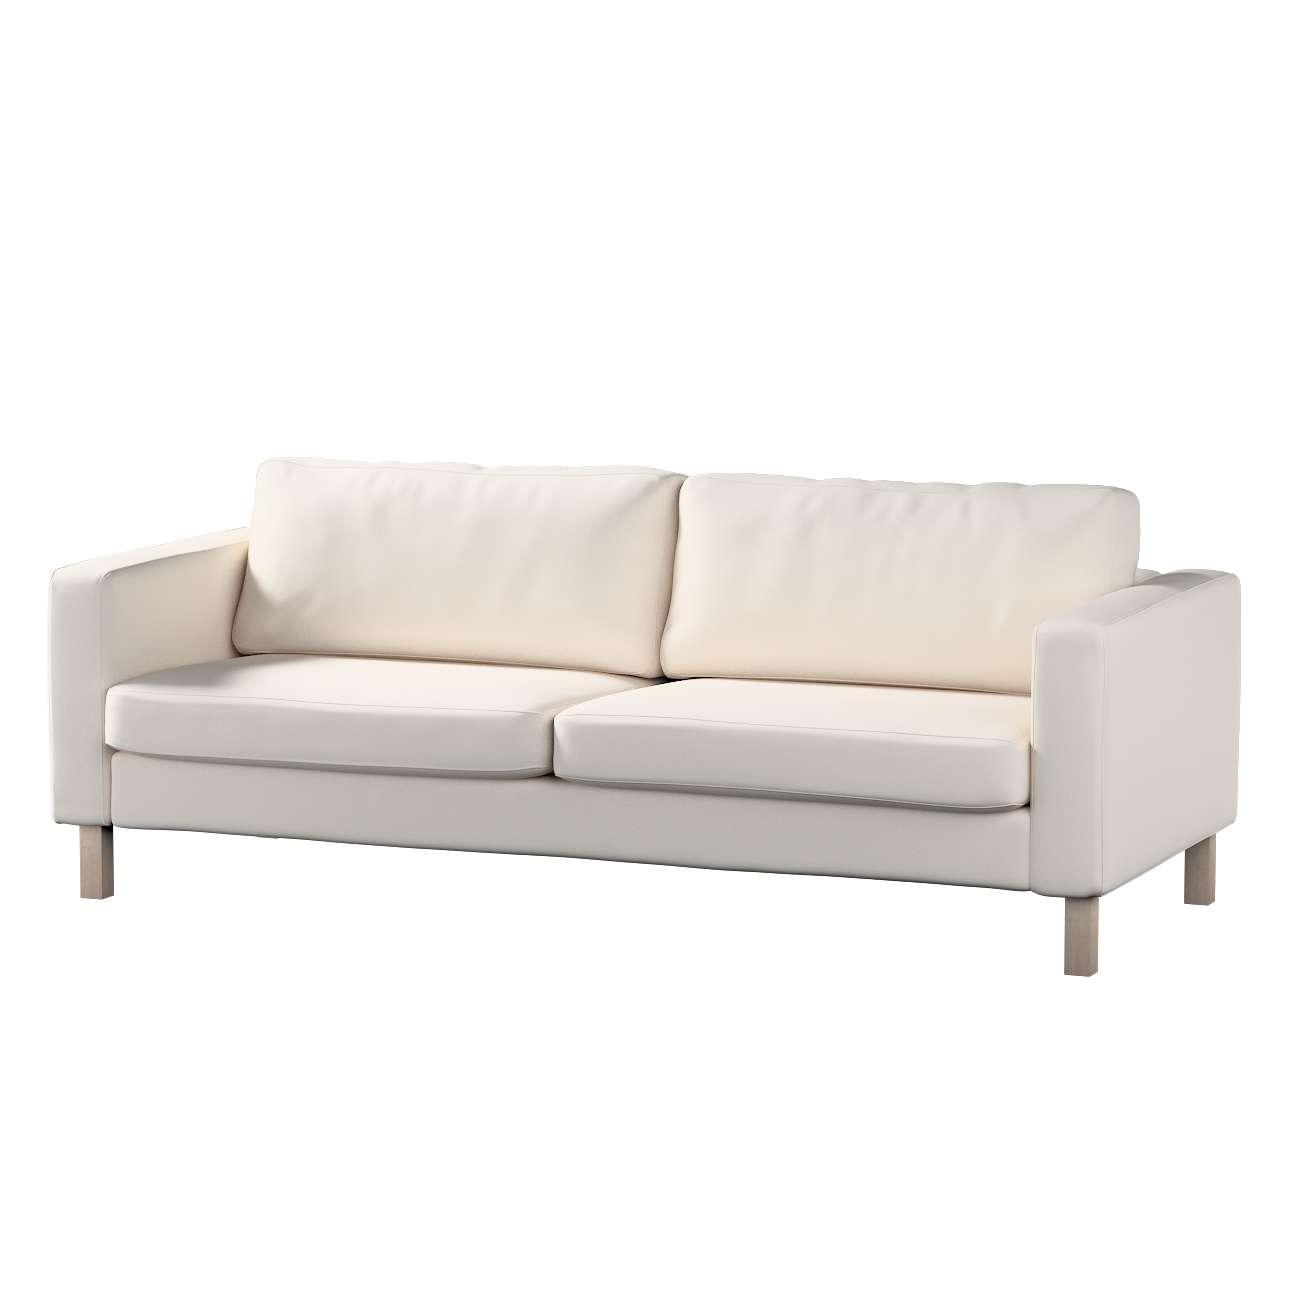 karlstad trekk karlstad trekk til karlstad sofa selges online. Black Bedroom Furniture Sets. Home Design Ideas